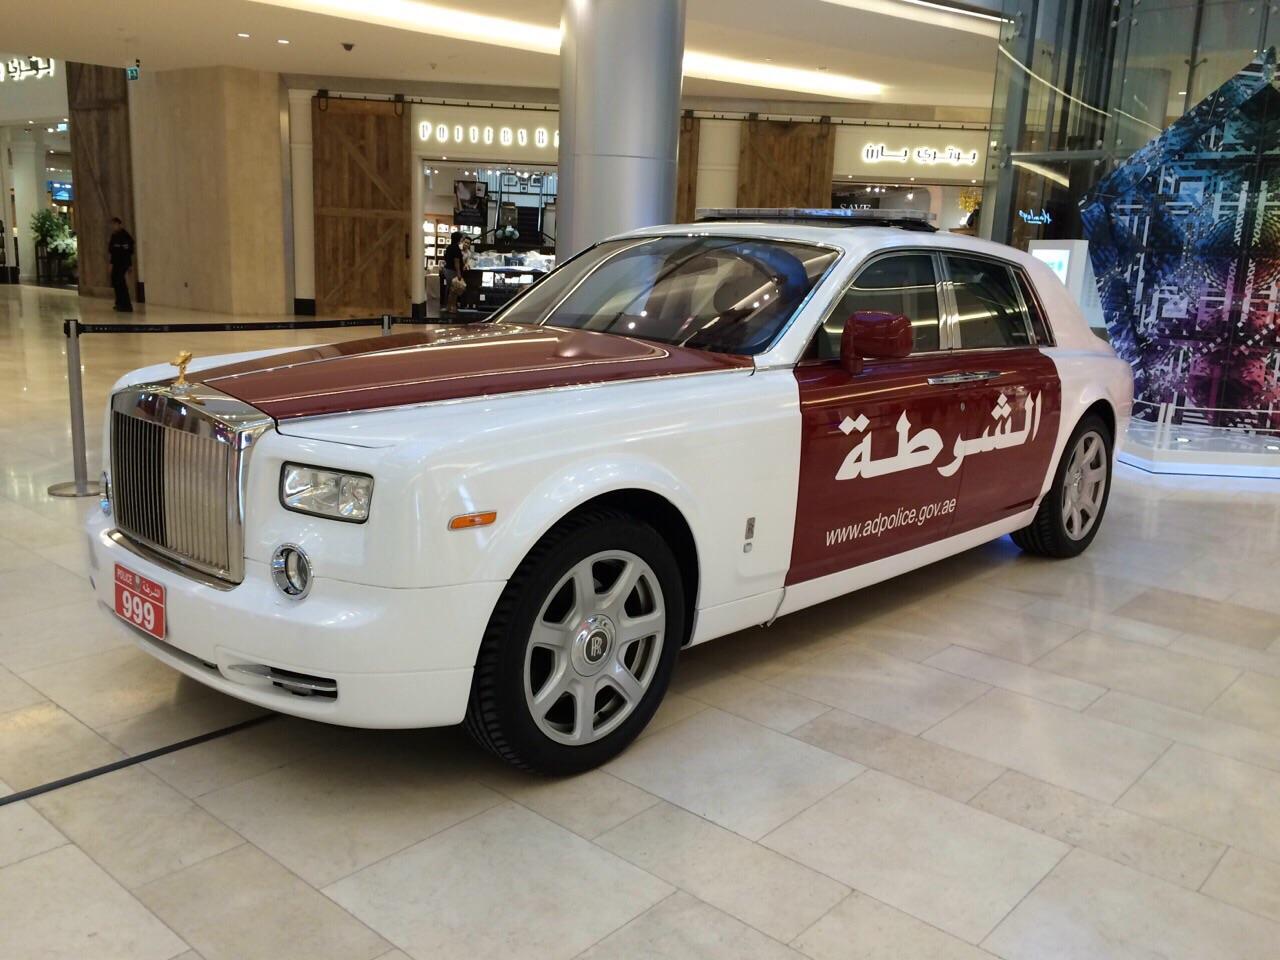 AbuDhabi-Police Cars